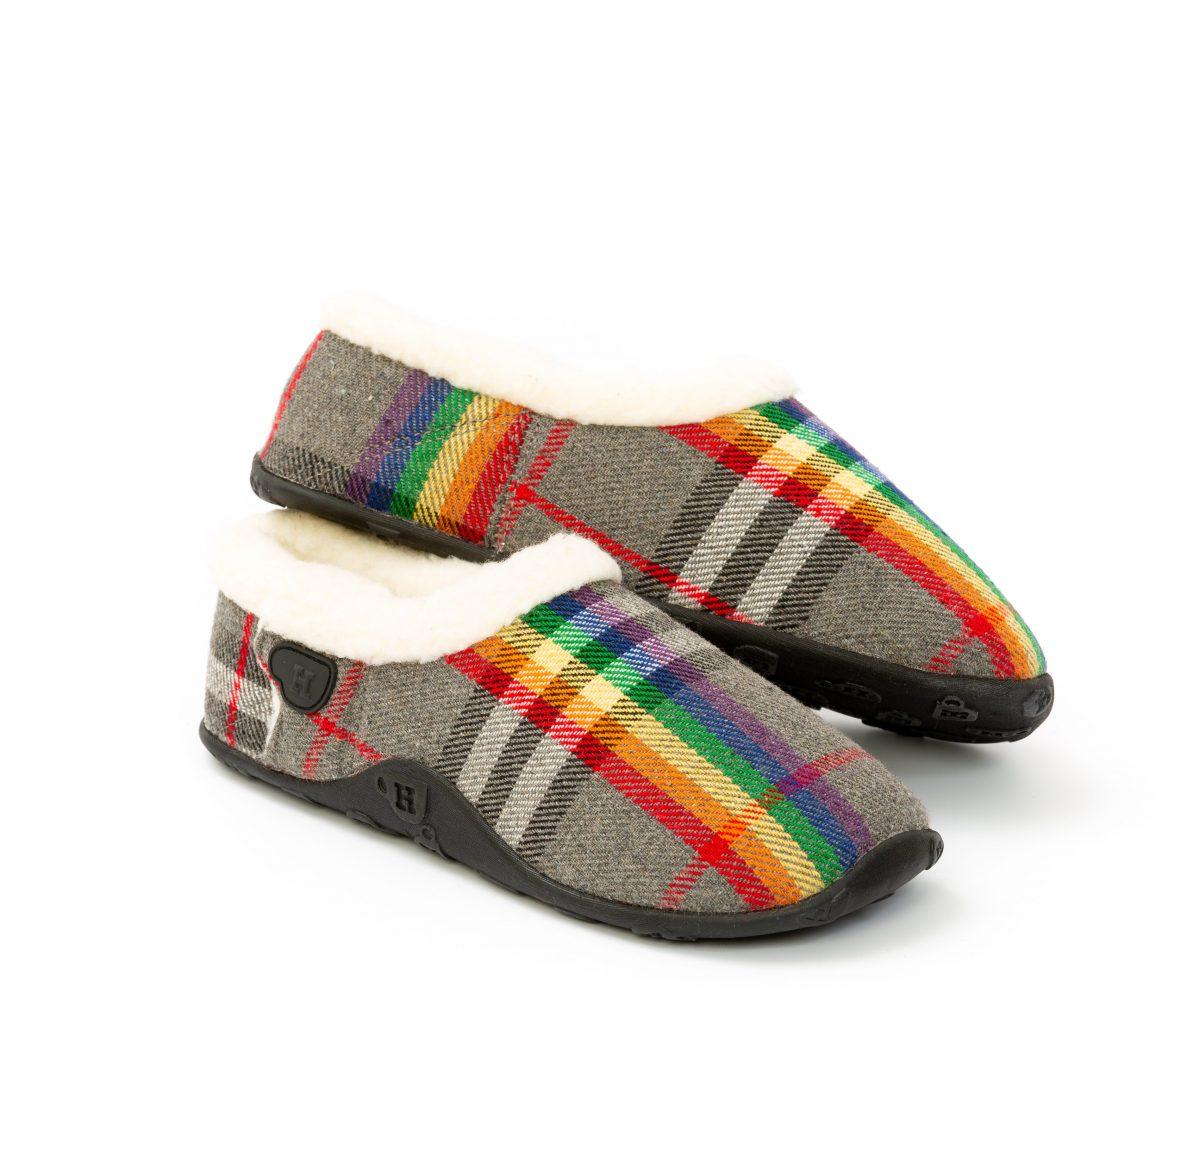 Bella-Rainbow-stripe-and-grey-check-02-e1565015077124.jpg